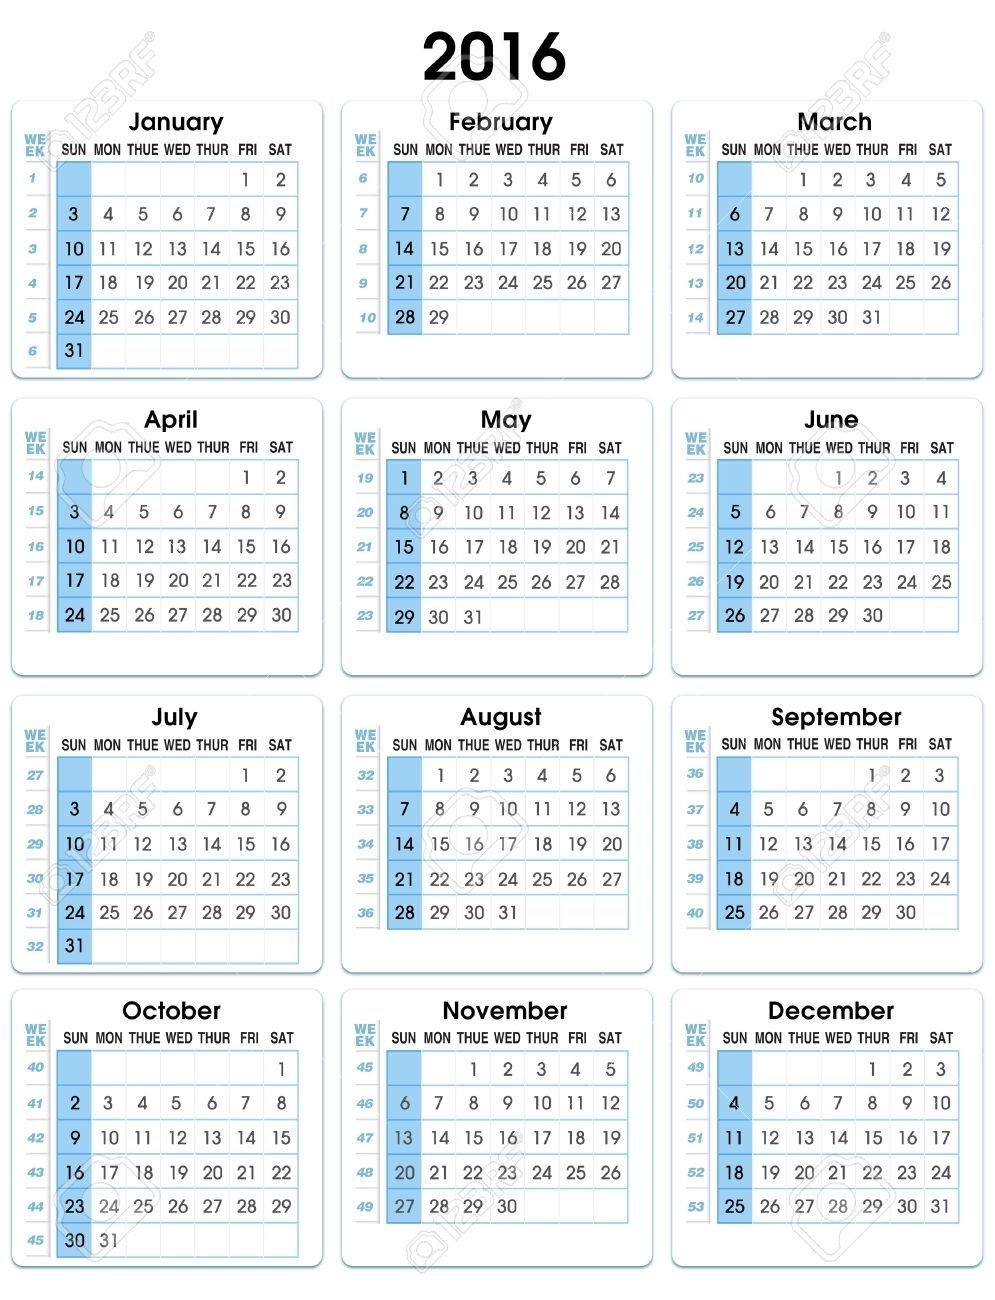 Calendario Vertical 2016 12 Meses, Indicando El Número De Semanas De  Calendario Vertical De 2016 Semanas